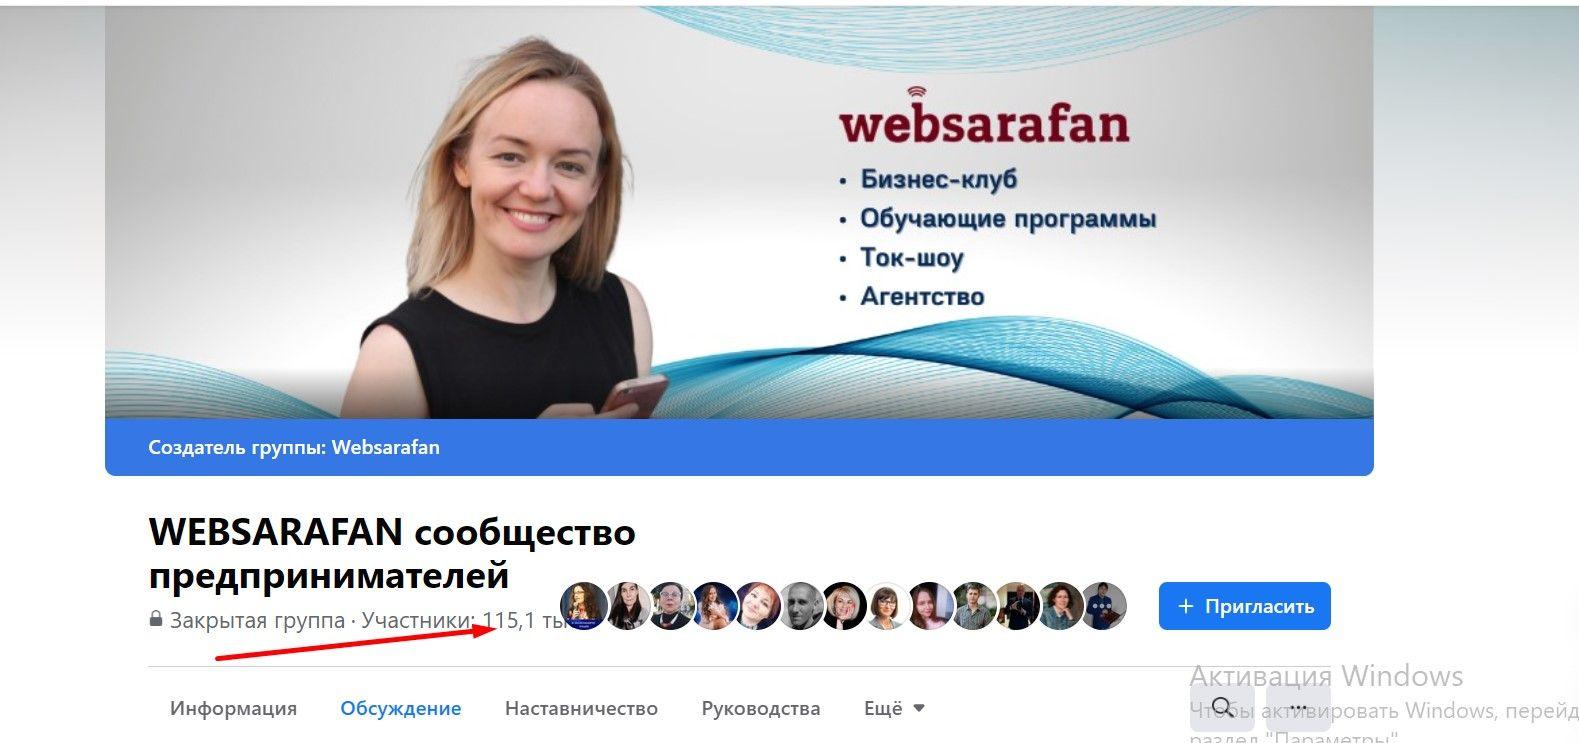 В группе Websarafan уже больше 115 000 участников — это и бизнесмены, и фрилансеры